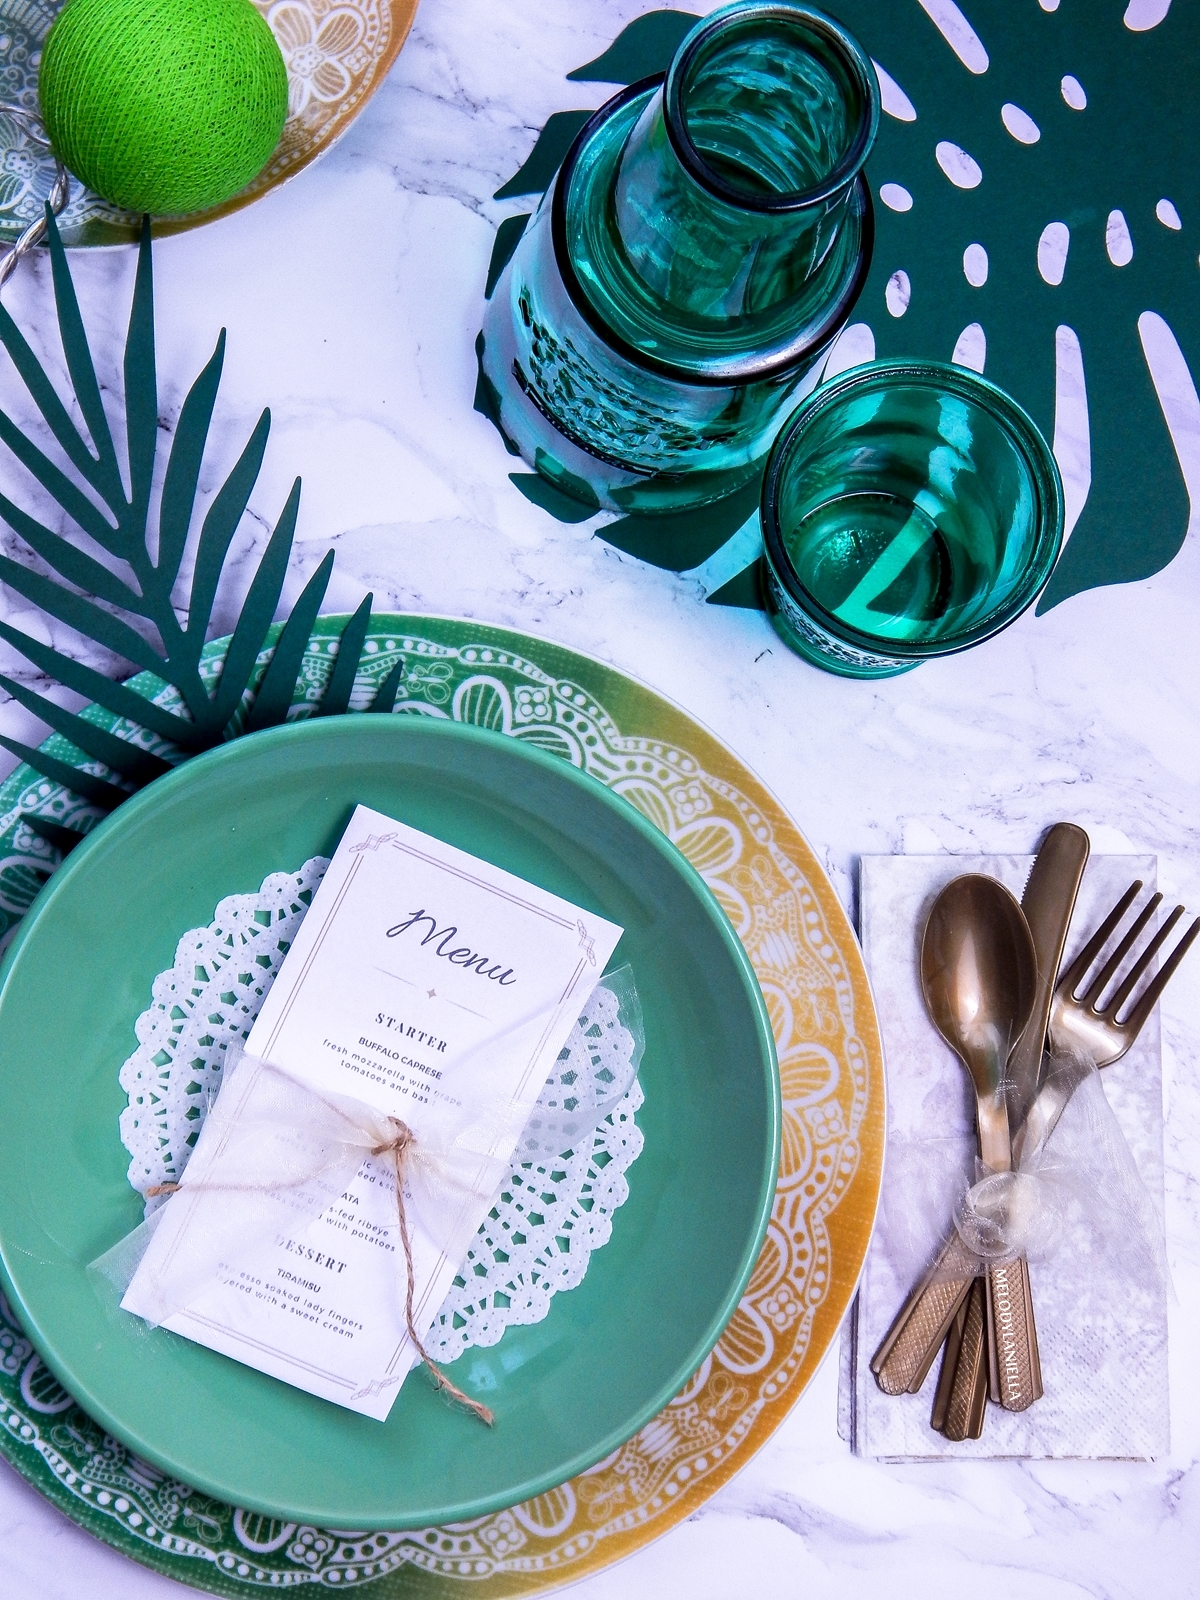 2 wzorzyste talerze westwing złote sztućce złote dodatki do mieszkań własne menu ozdobne serwetki ażurowe liście tropikalne impreza aloha tropiki w domu cottonballs melodylaniella partybox duka